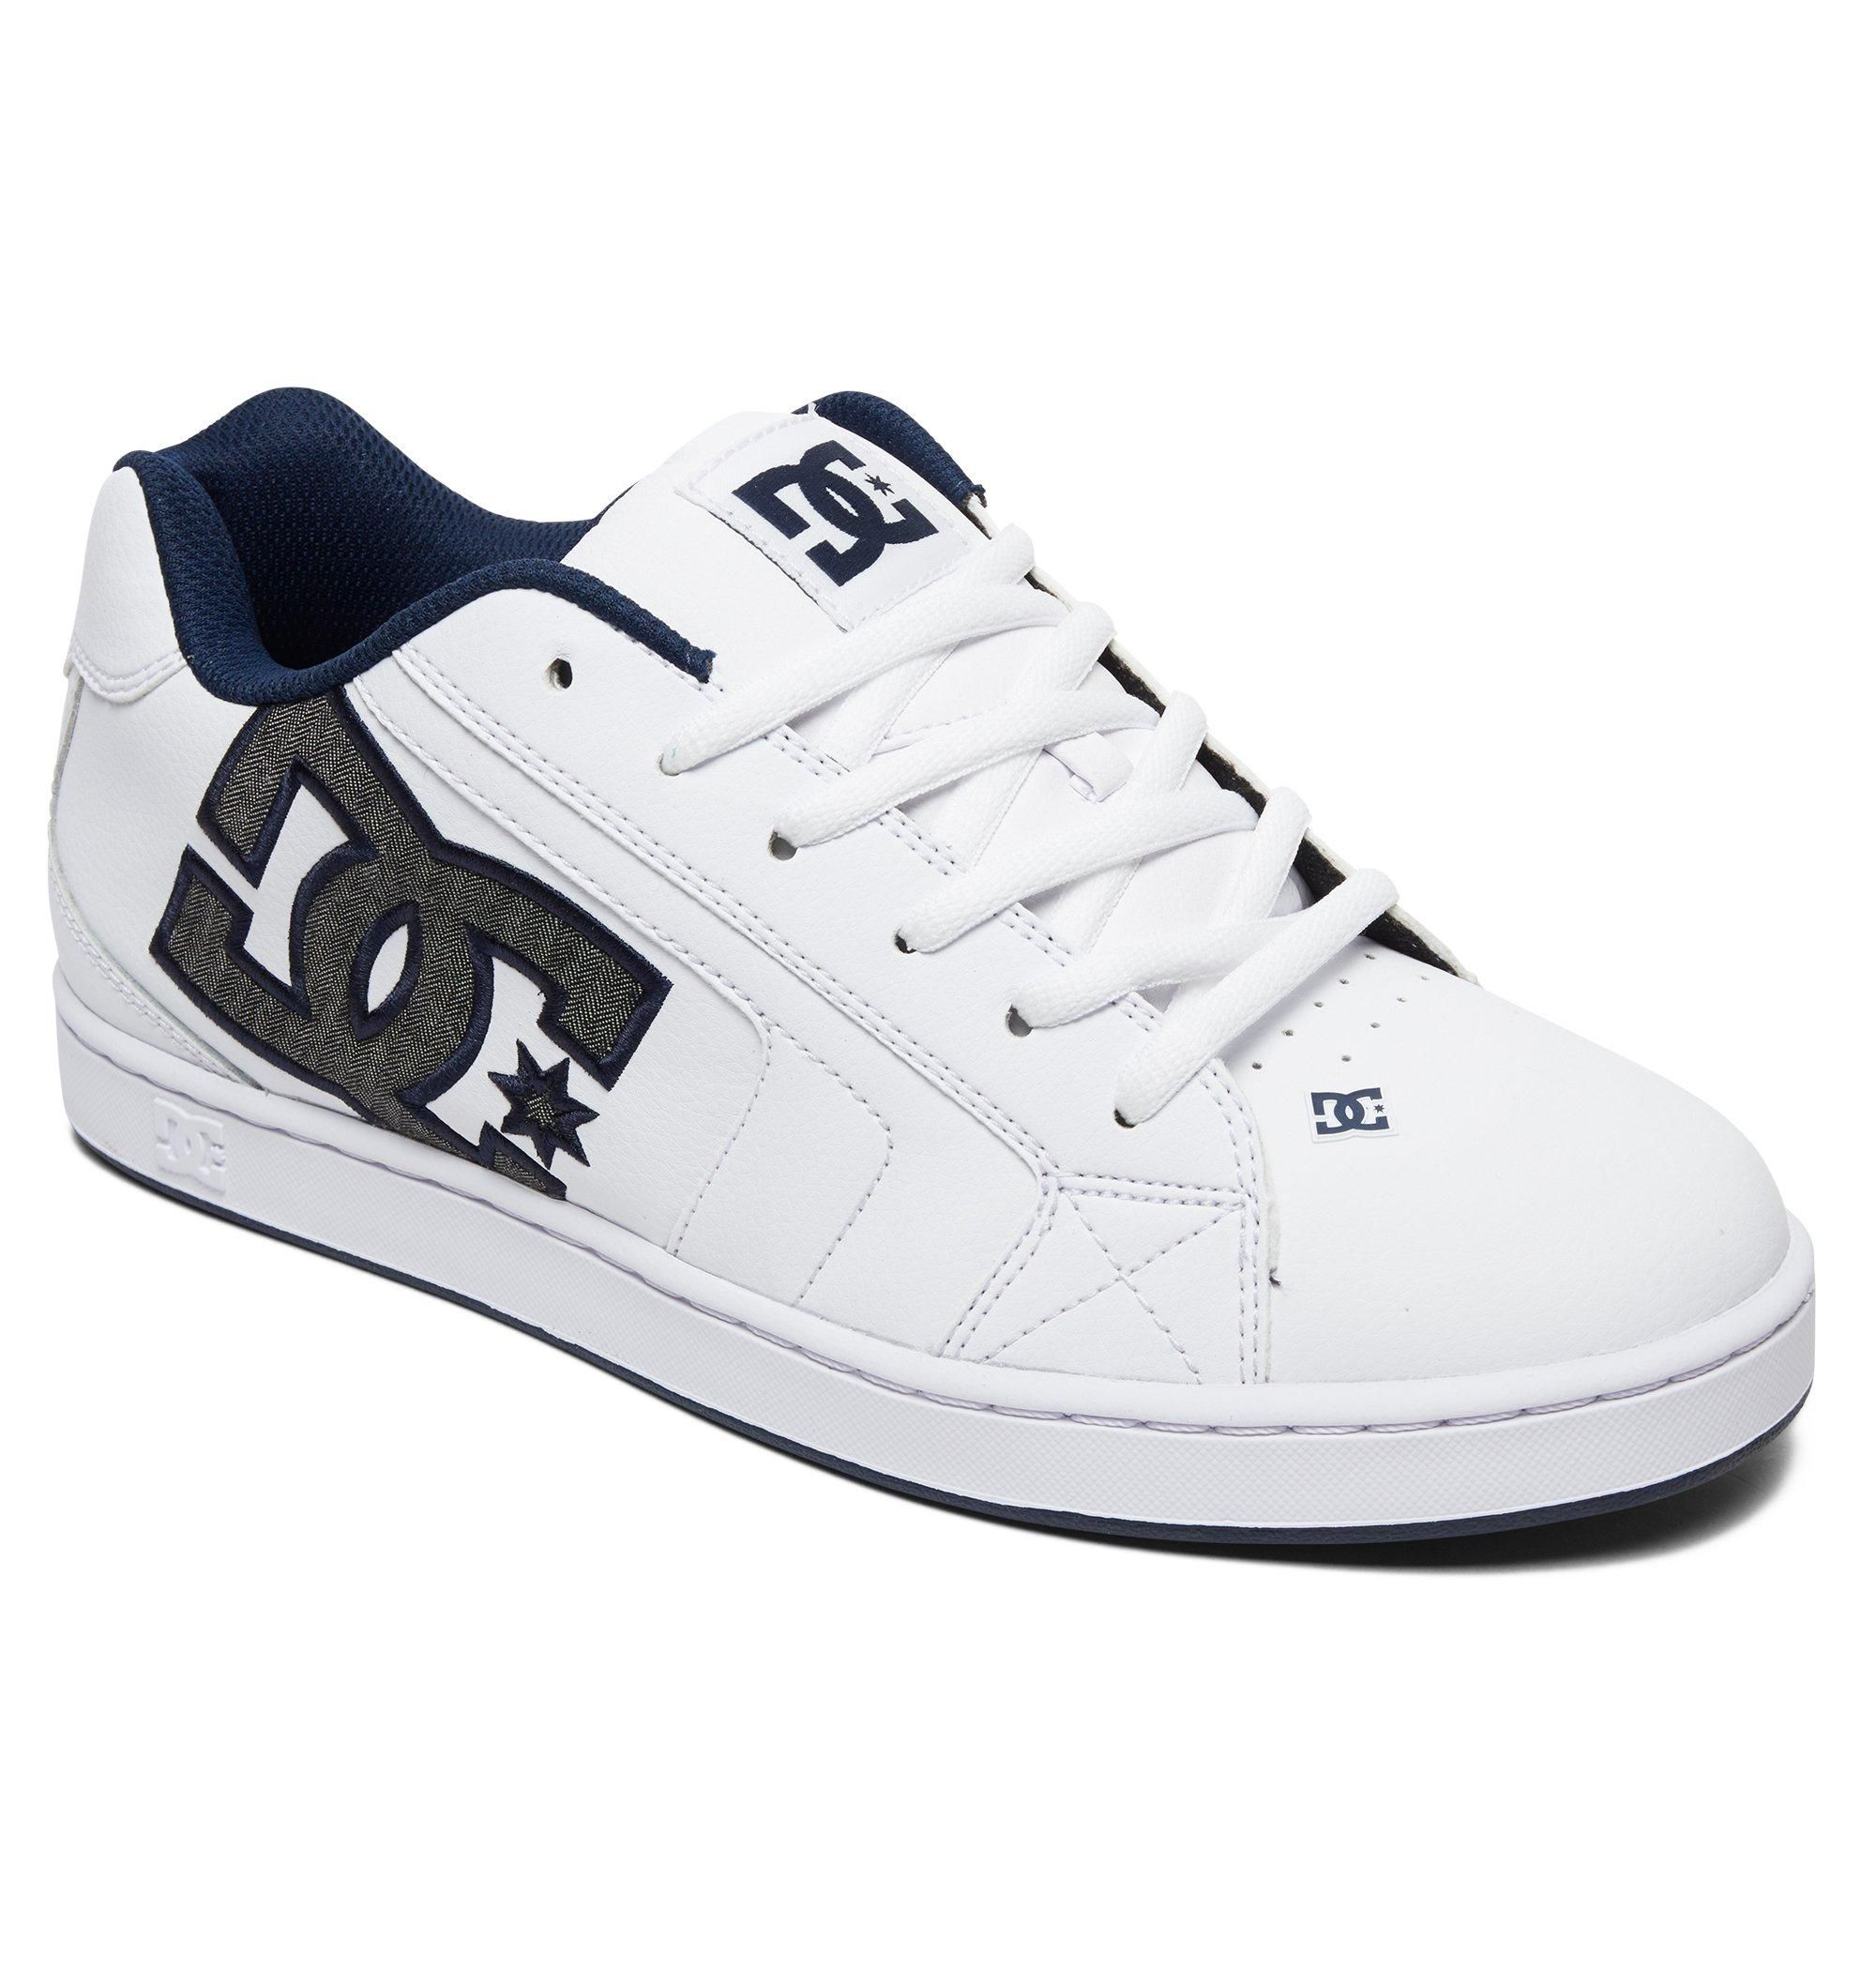 bdbce420eb Pánské tenisky DC Shoes